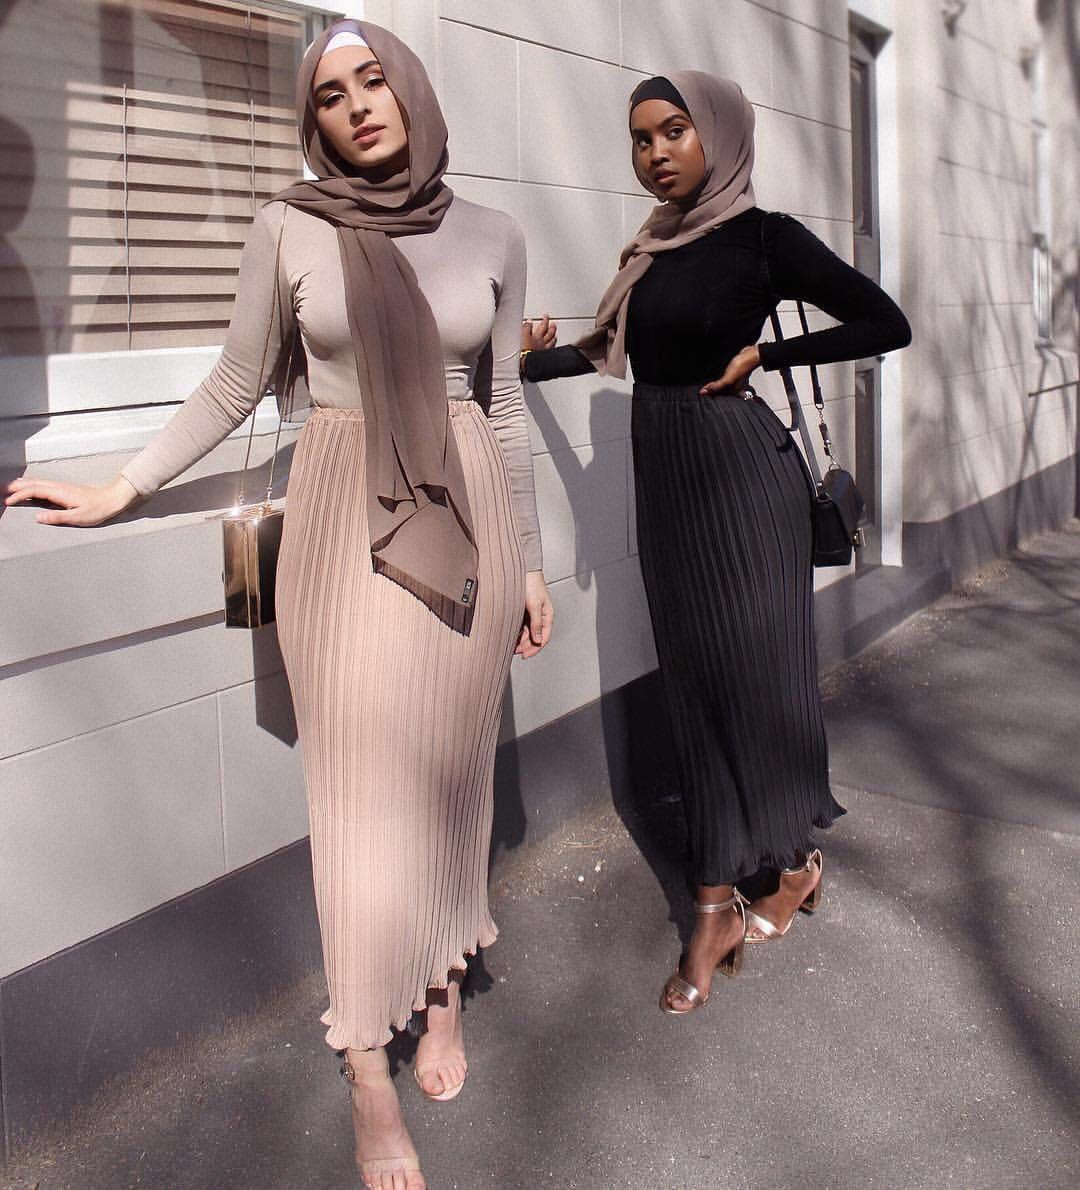 Женщины Мусульманский карандаш длинная юбка шифон плиссированная юбка упругие юбки высокая талия ОАЭ Исламская африканская одежда вечеринка Maxi юбки Y200704